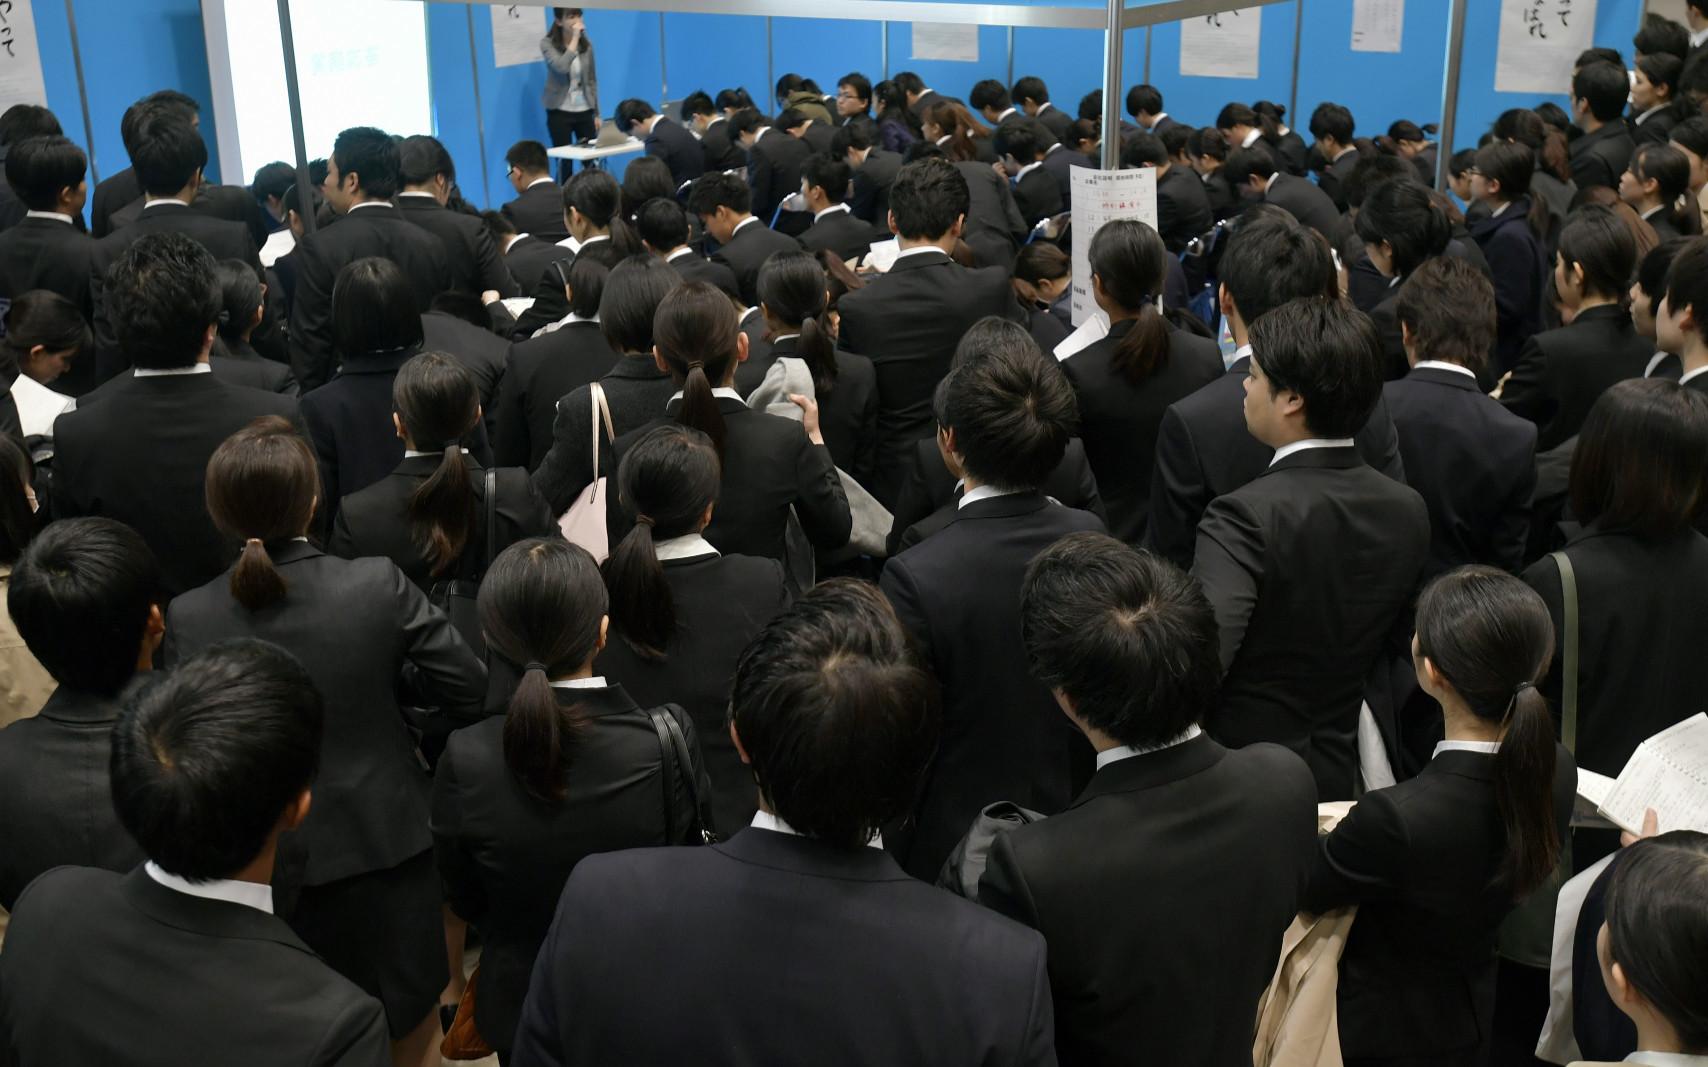 新卒一括採用から即戦力採用へ――2020年「日本の姿」